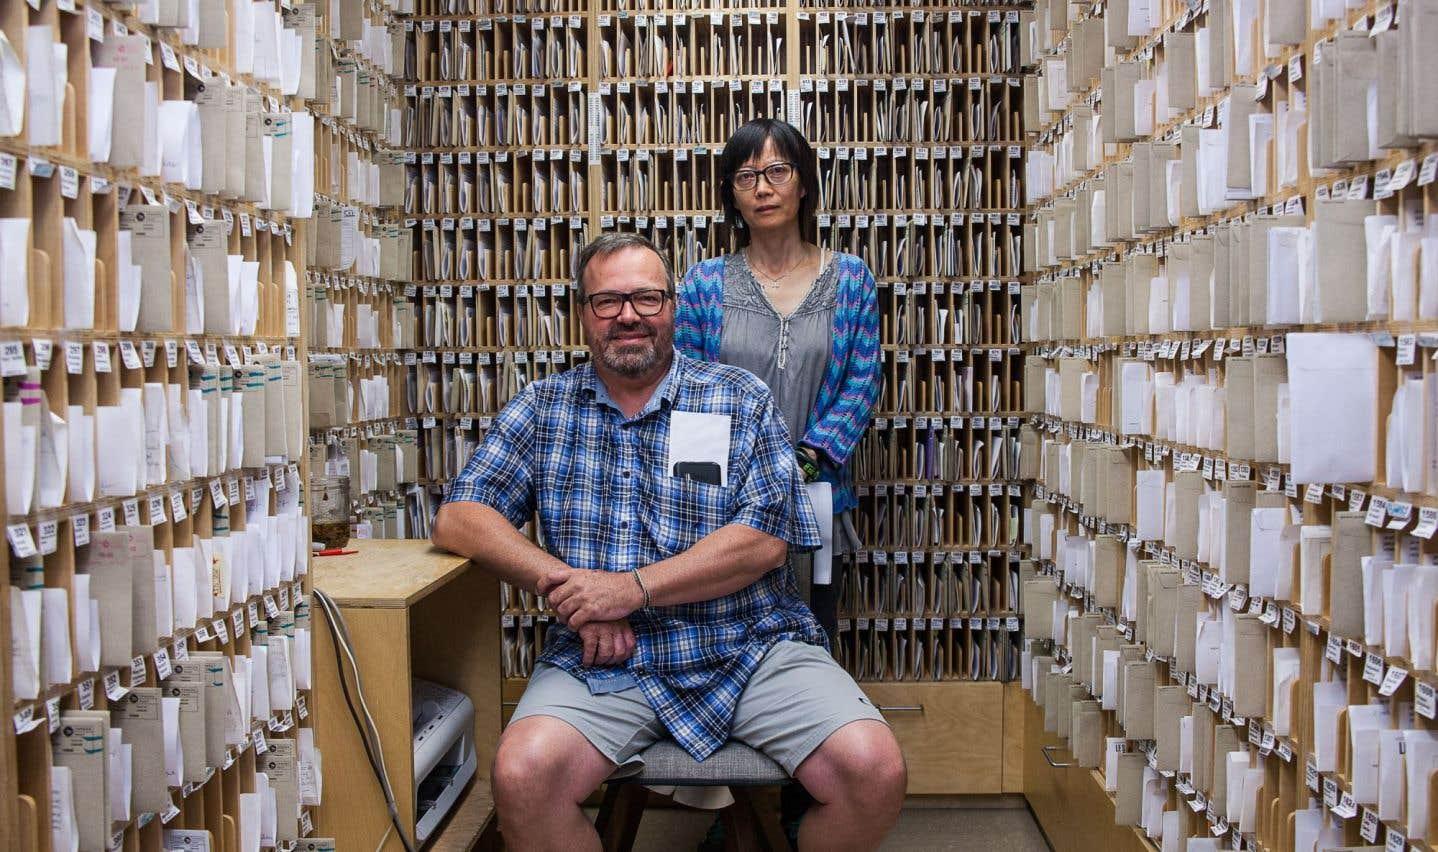 Richard Chrétien, fondateur et directeur général du Sac à dos, et Bin Wang, coordinatrice du service postal, au centre des 2000 cases postales du service. Arrivée de Chine en 2001, MmeWang s'est impliquée comme bénévole à partir de 2003, avant de mettre au point un système de classement et de suivi des utilisateurs.